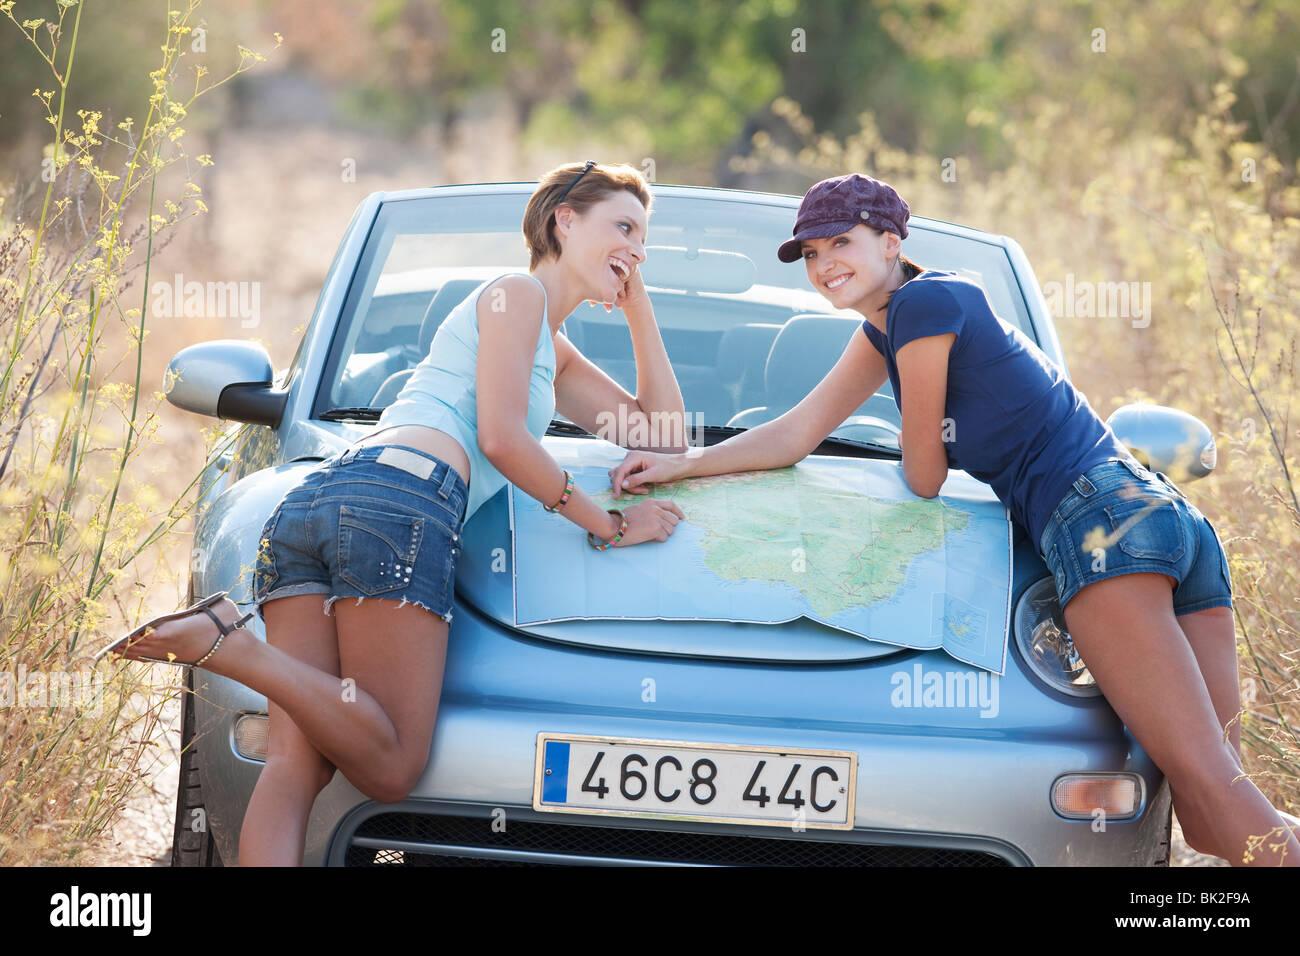 Zwei Frauen Lesen einer Karte auf eine Motorhaube Stockbild